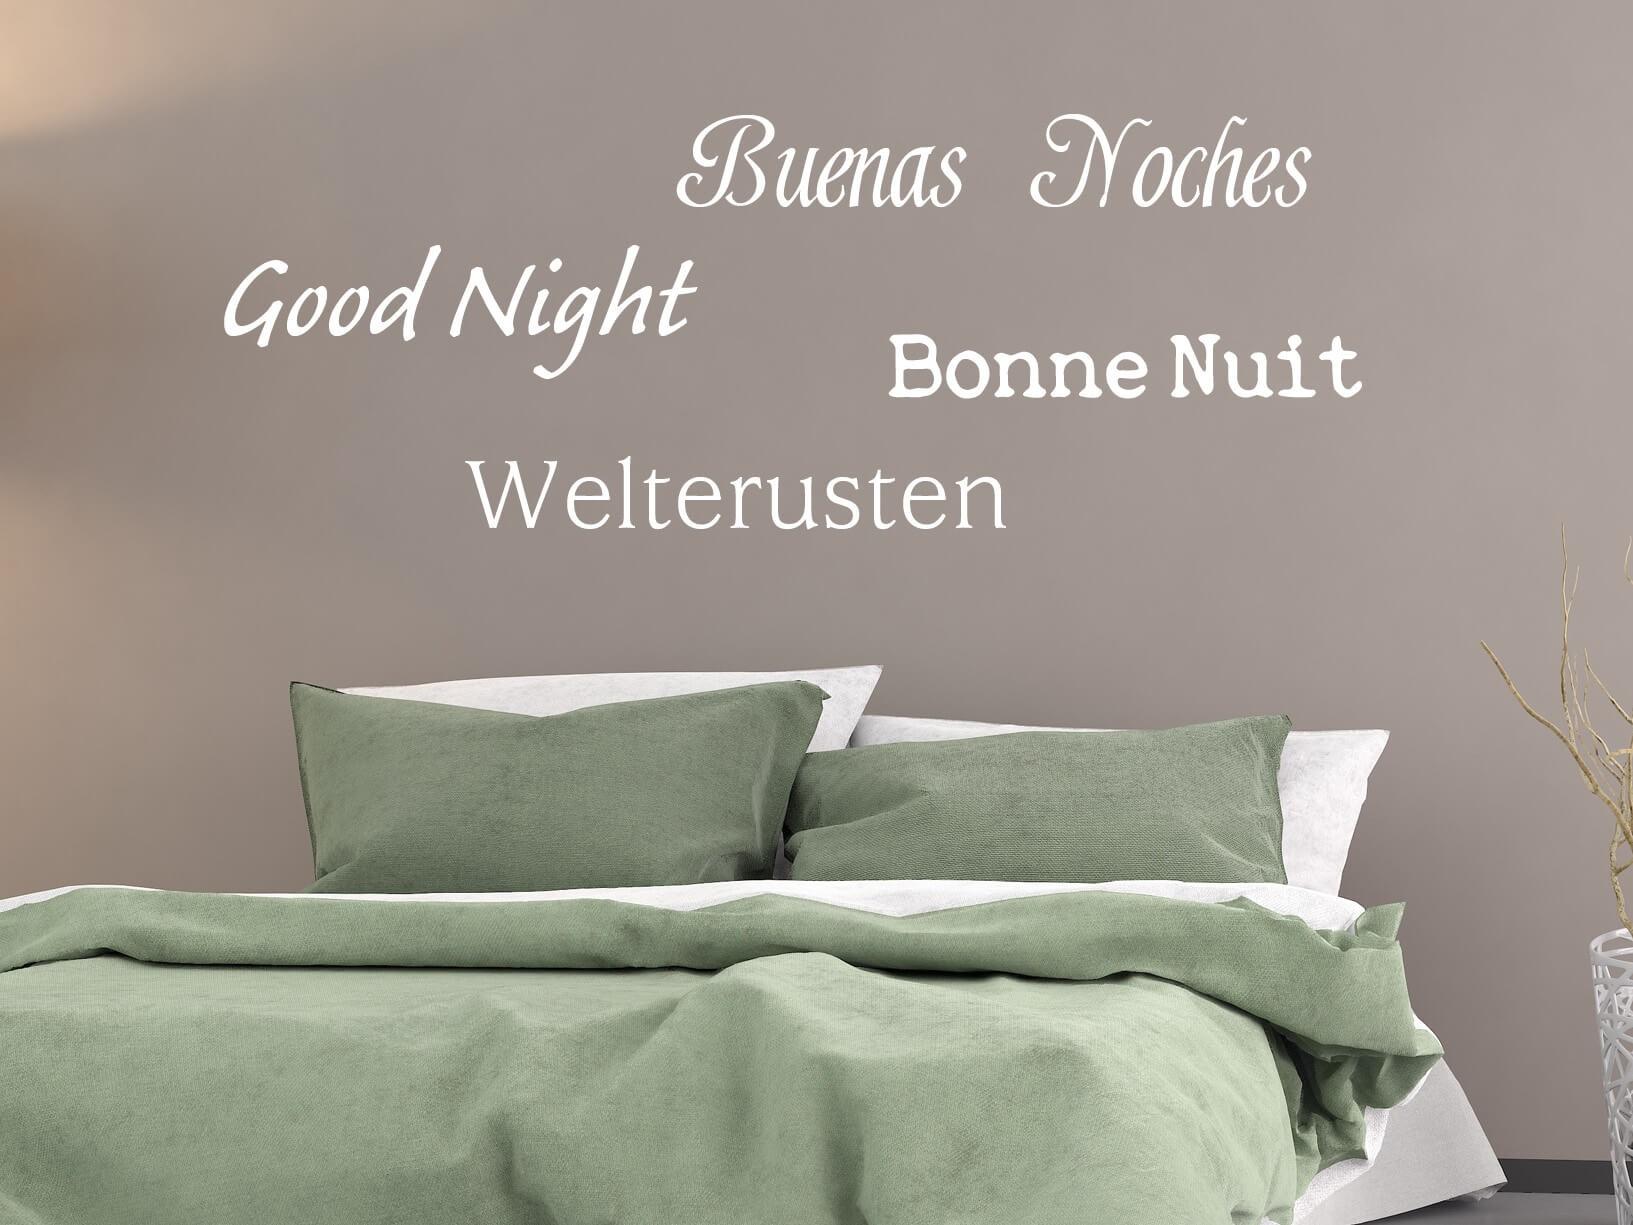 muursticker quotwelterusten good night buenas noches bonne